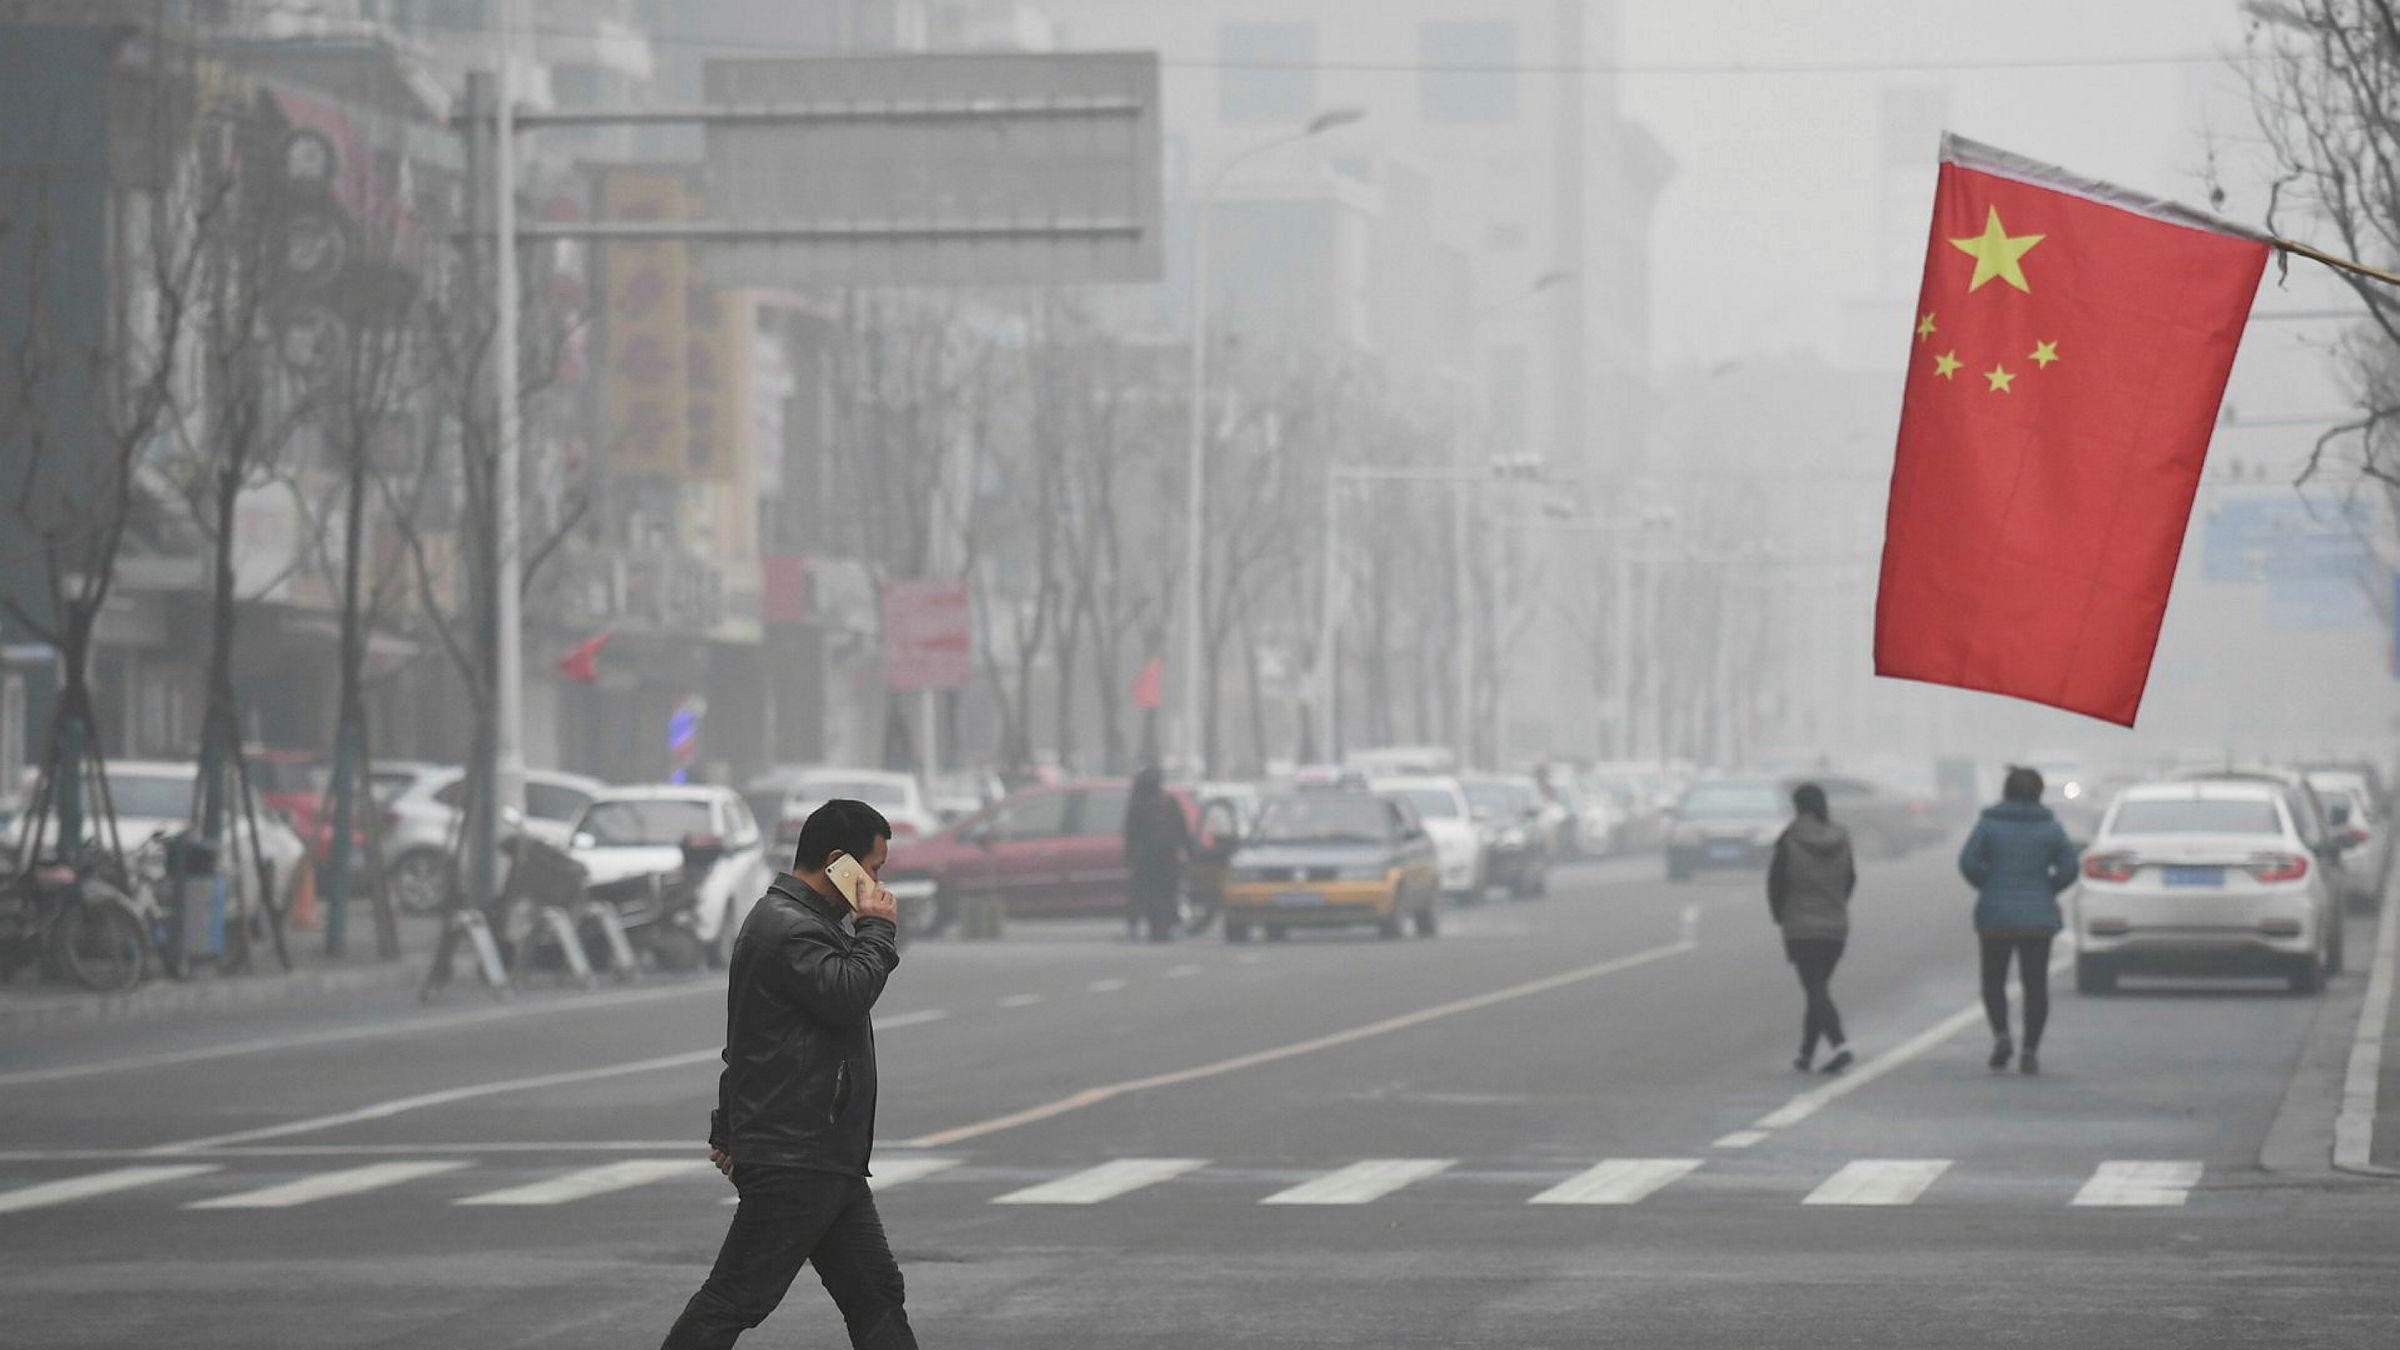 Kina forsøker å redusere forurensningen i storbyene i vintermånedene ved å forby bruk av kull til oppvarming av boliger. En iskald vinter og mangel på gass har ført til protester. Dette kan ramme den økonomiske aktiviteten.